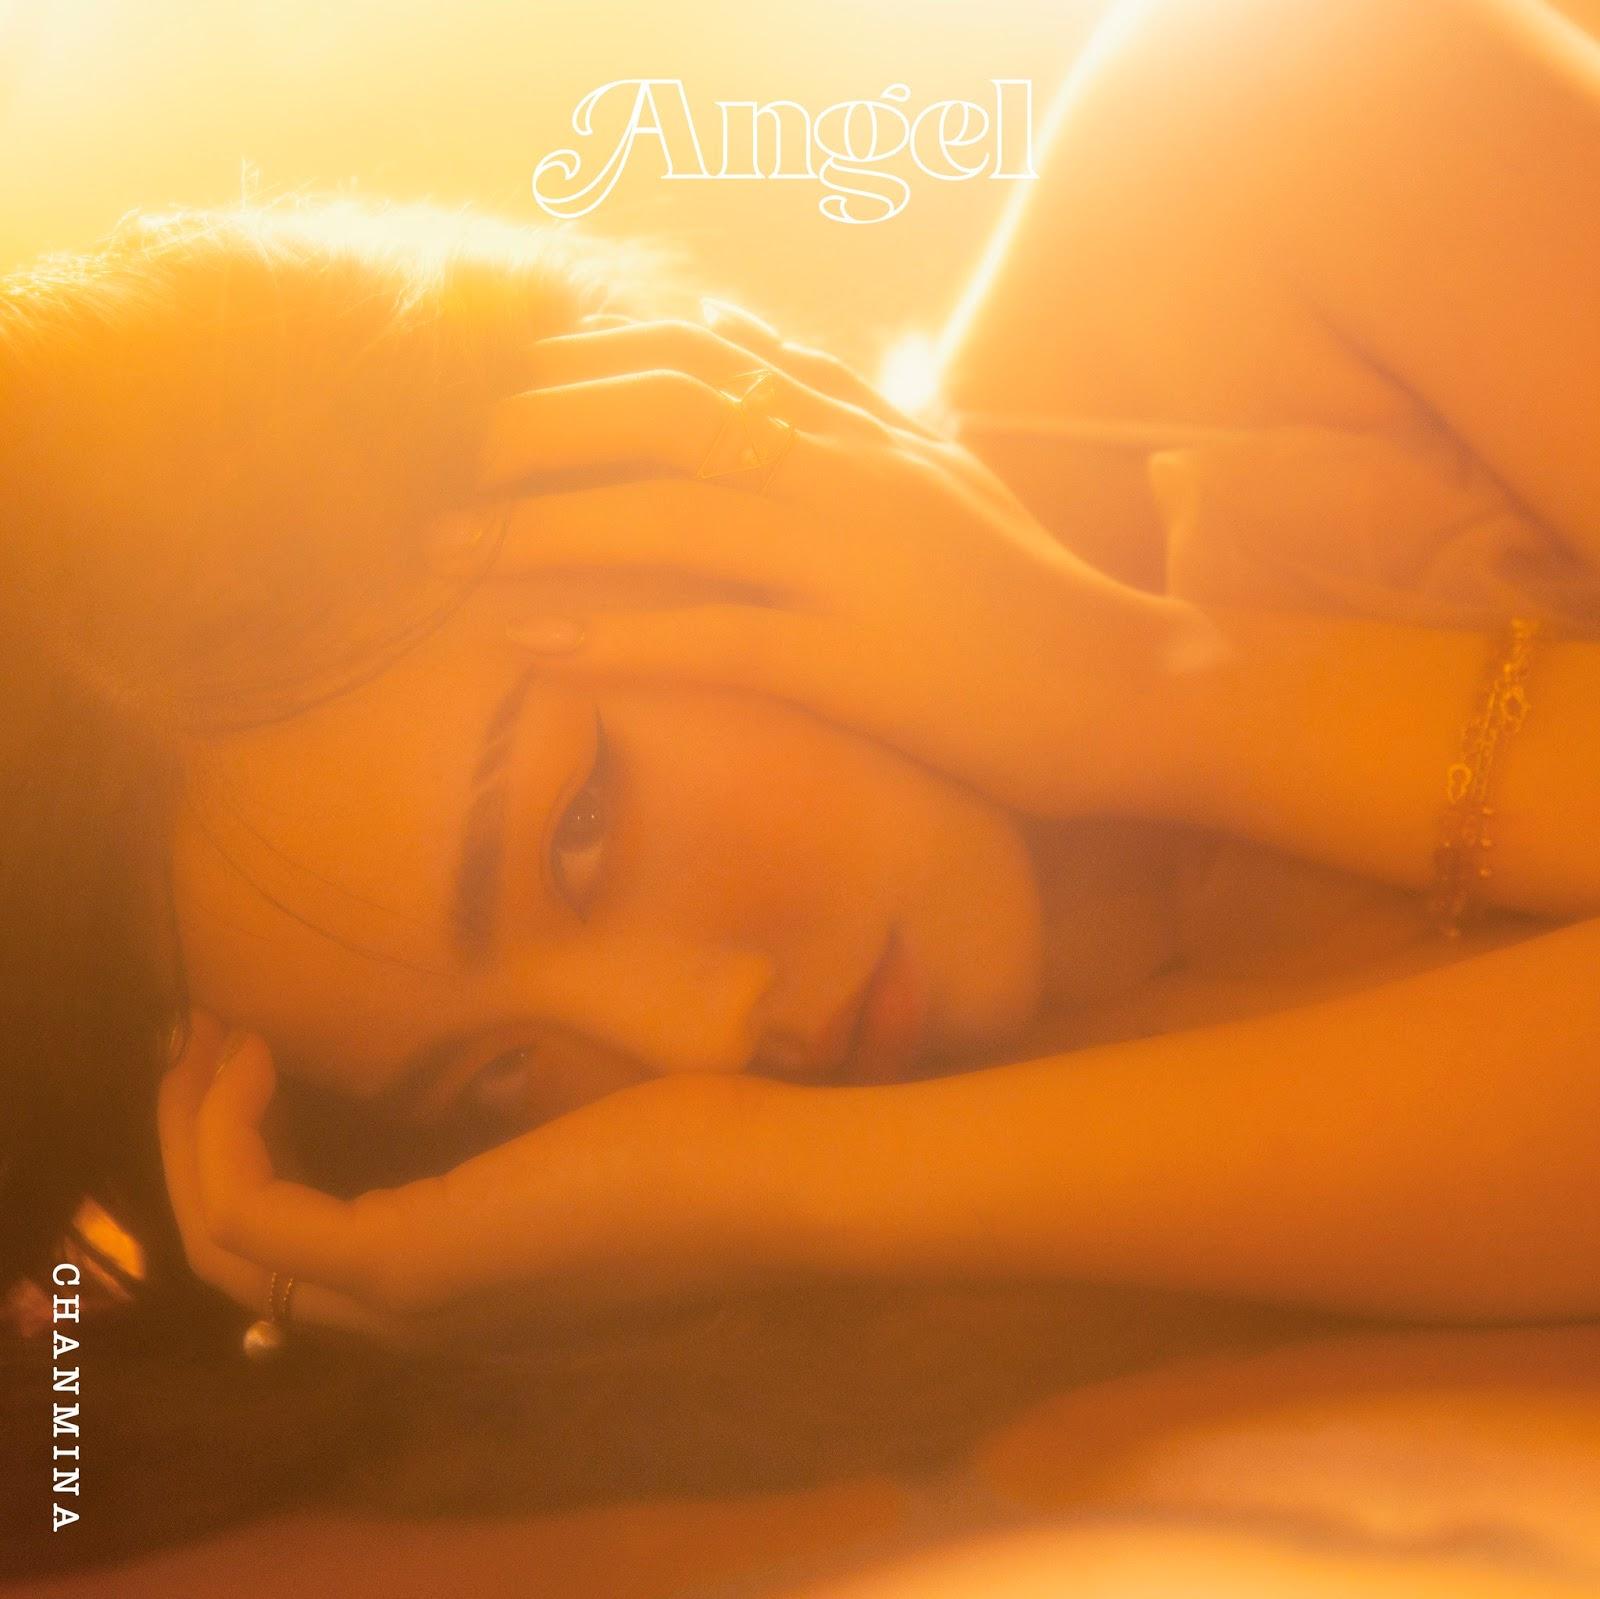 ちゃんみな - Angel [2020.09.09+FLAC+RAR]